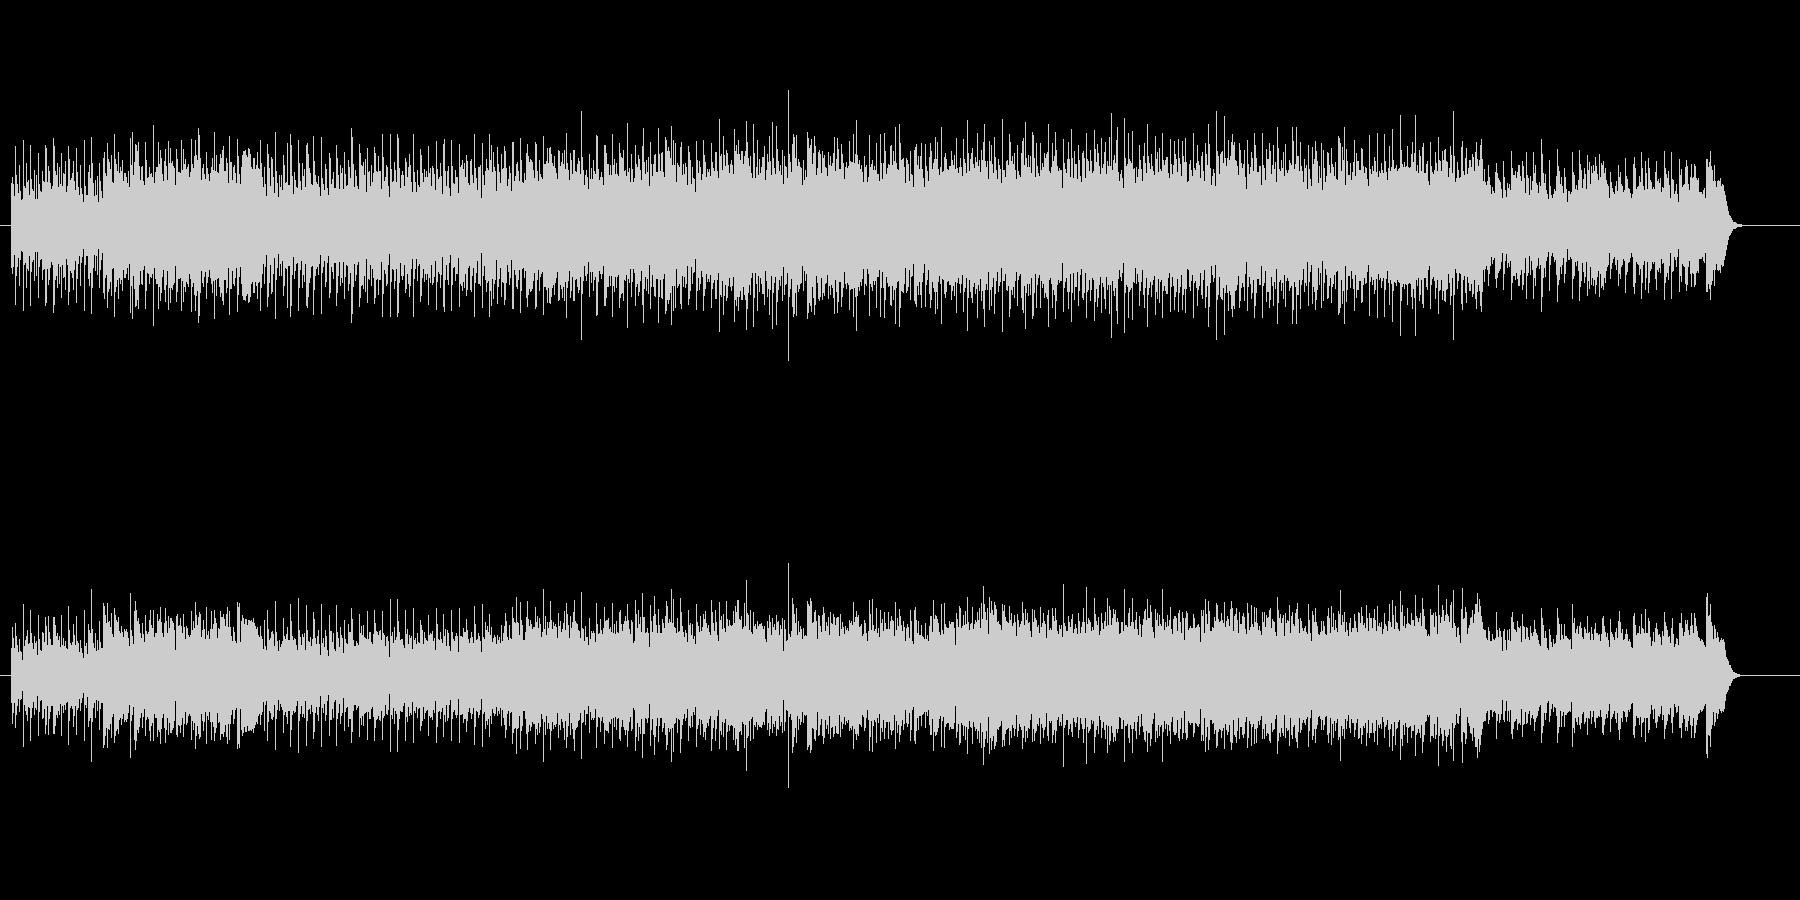 8ビート・マイナー・ニューミュージックの未再生の波形